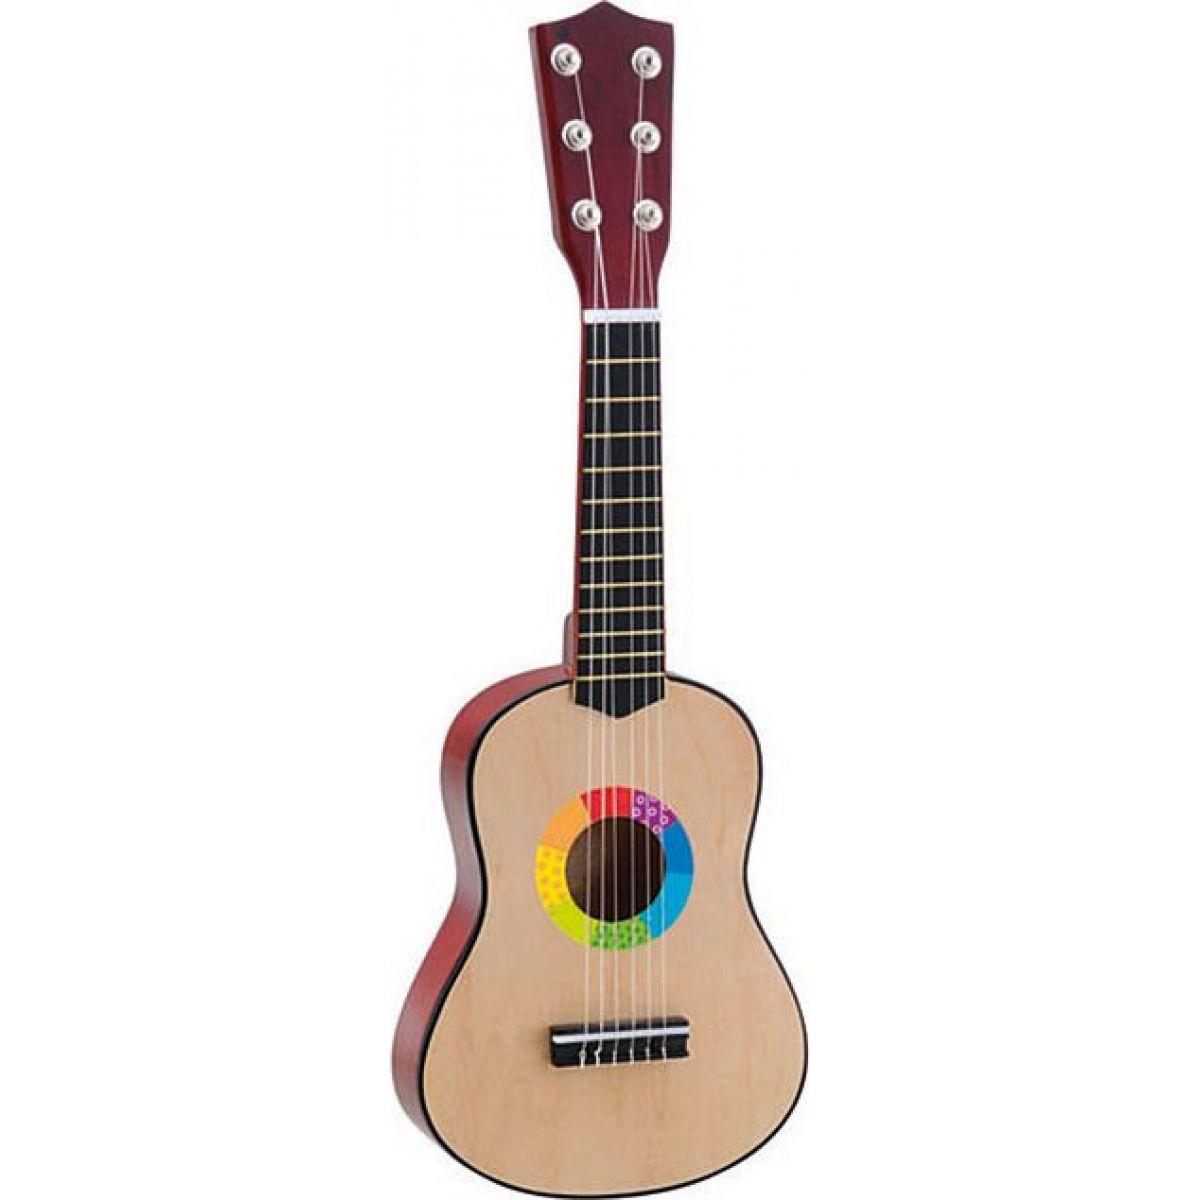 Woody Kytara plastová 52 cm